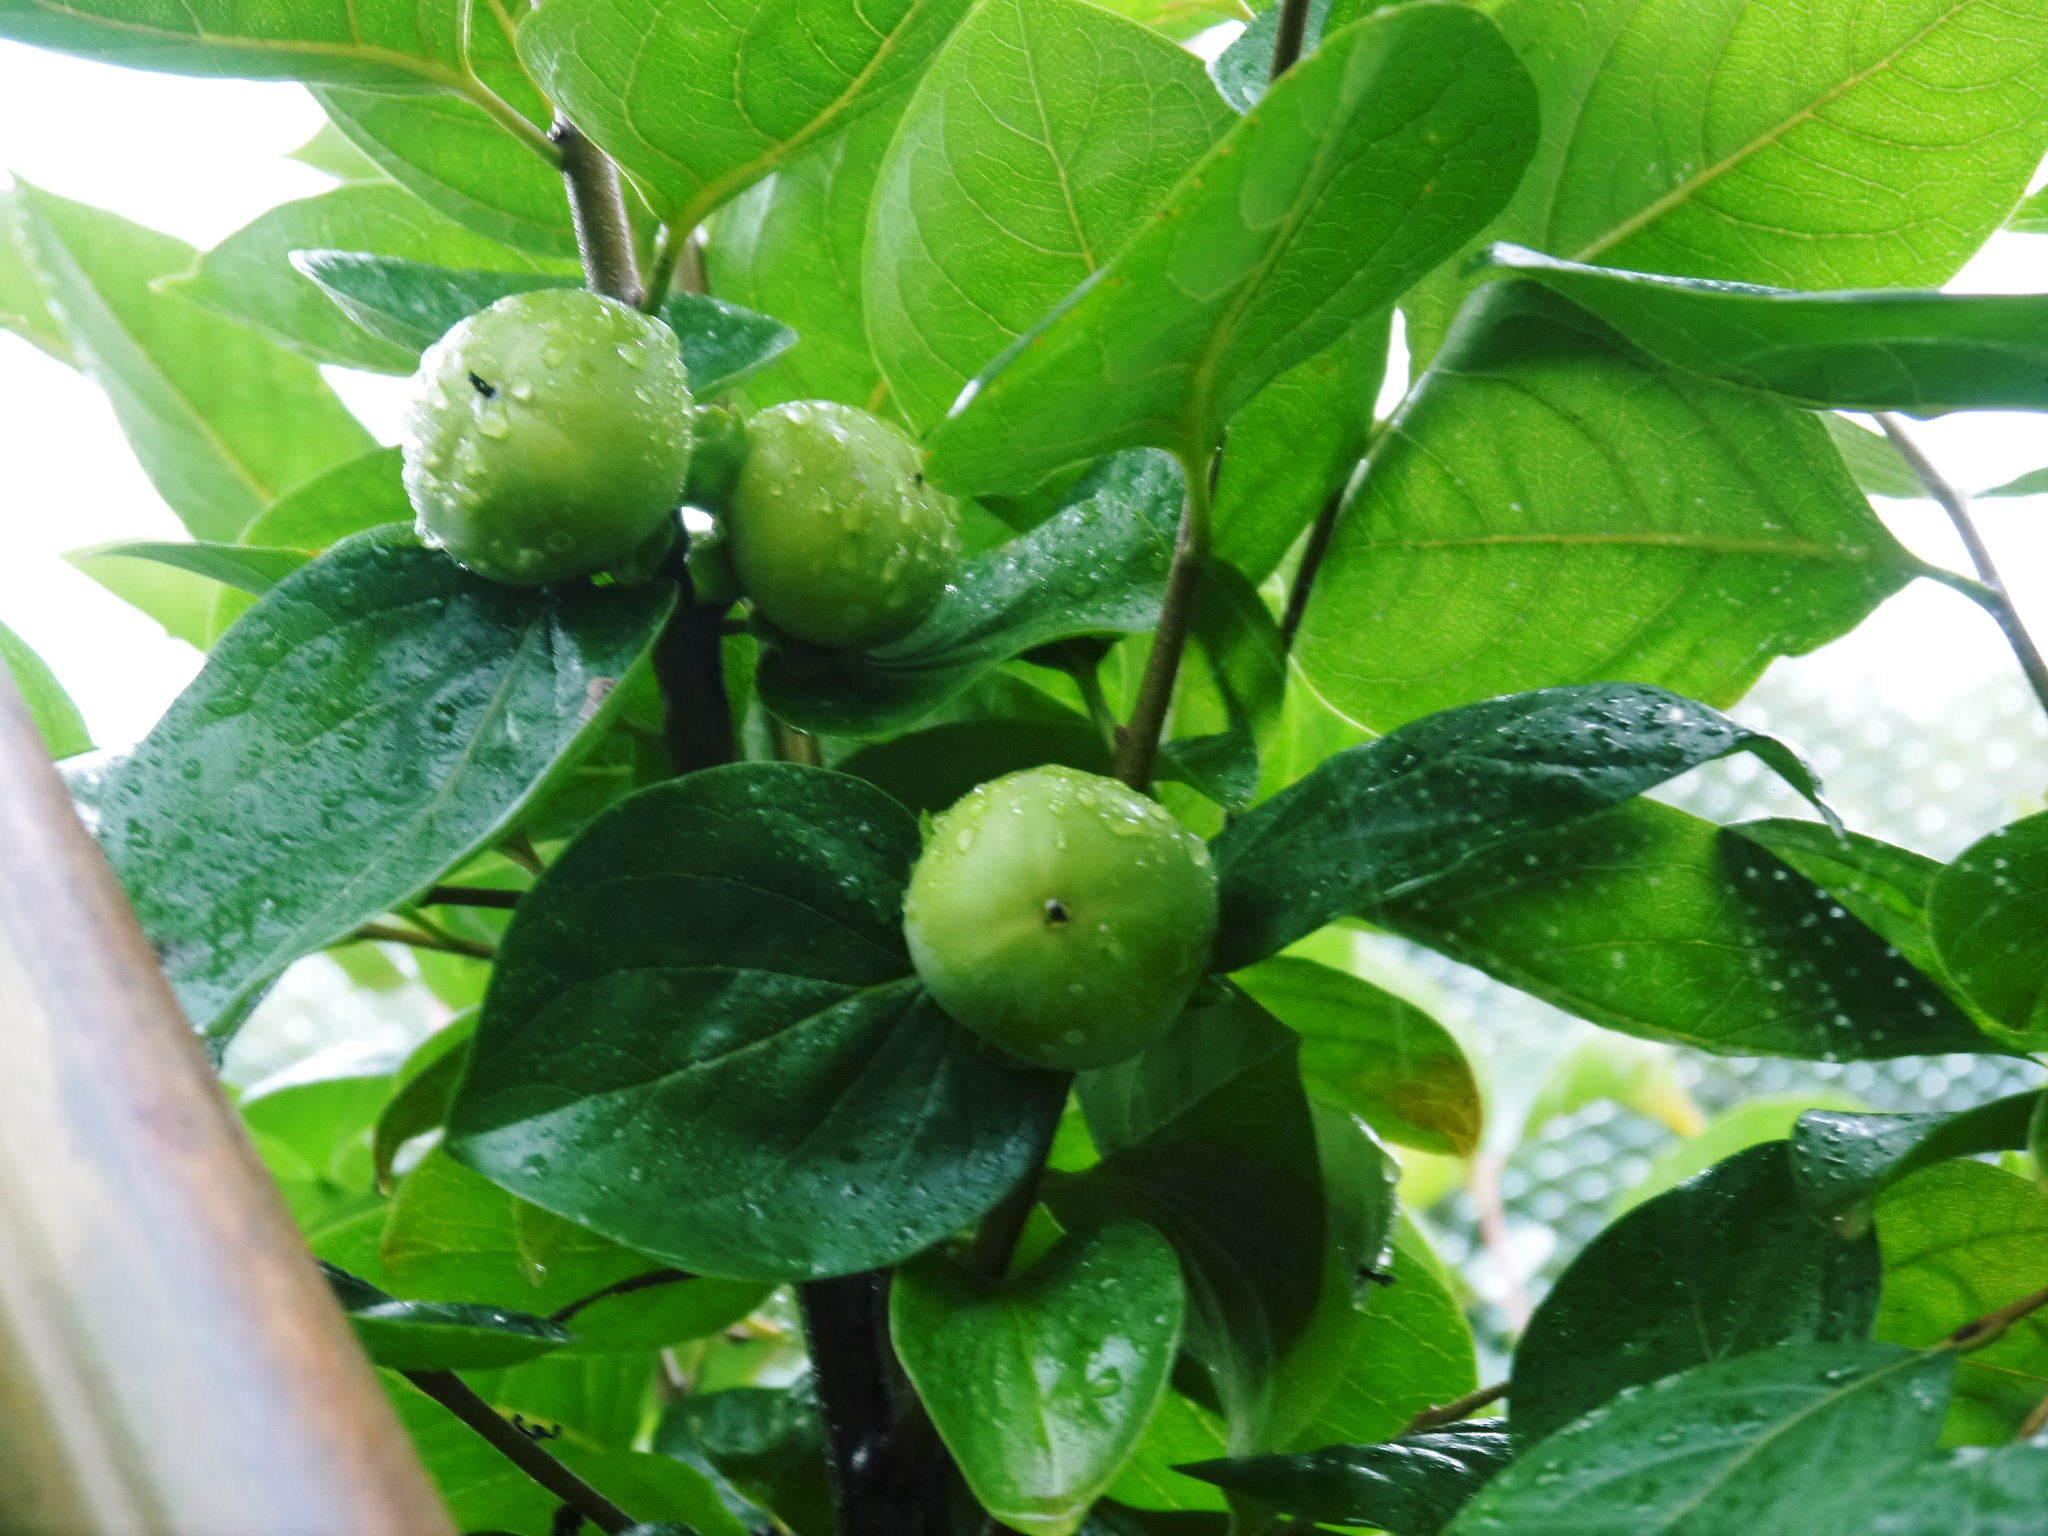 太秋柿 古川果樹園 生理落下後の果実の成長の様子(2020) まもなく始まる惜しまぬ手間ひまと匠の技_a0254656_19065492.jpg